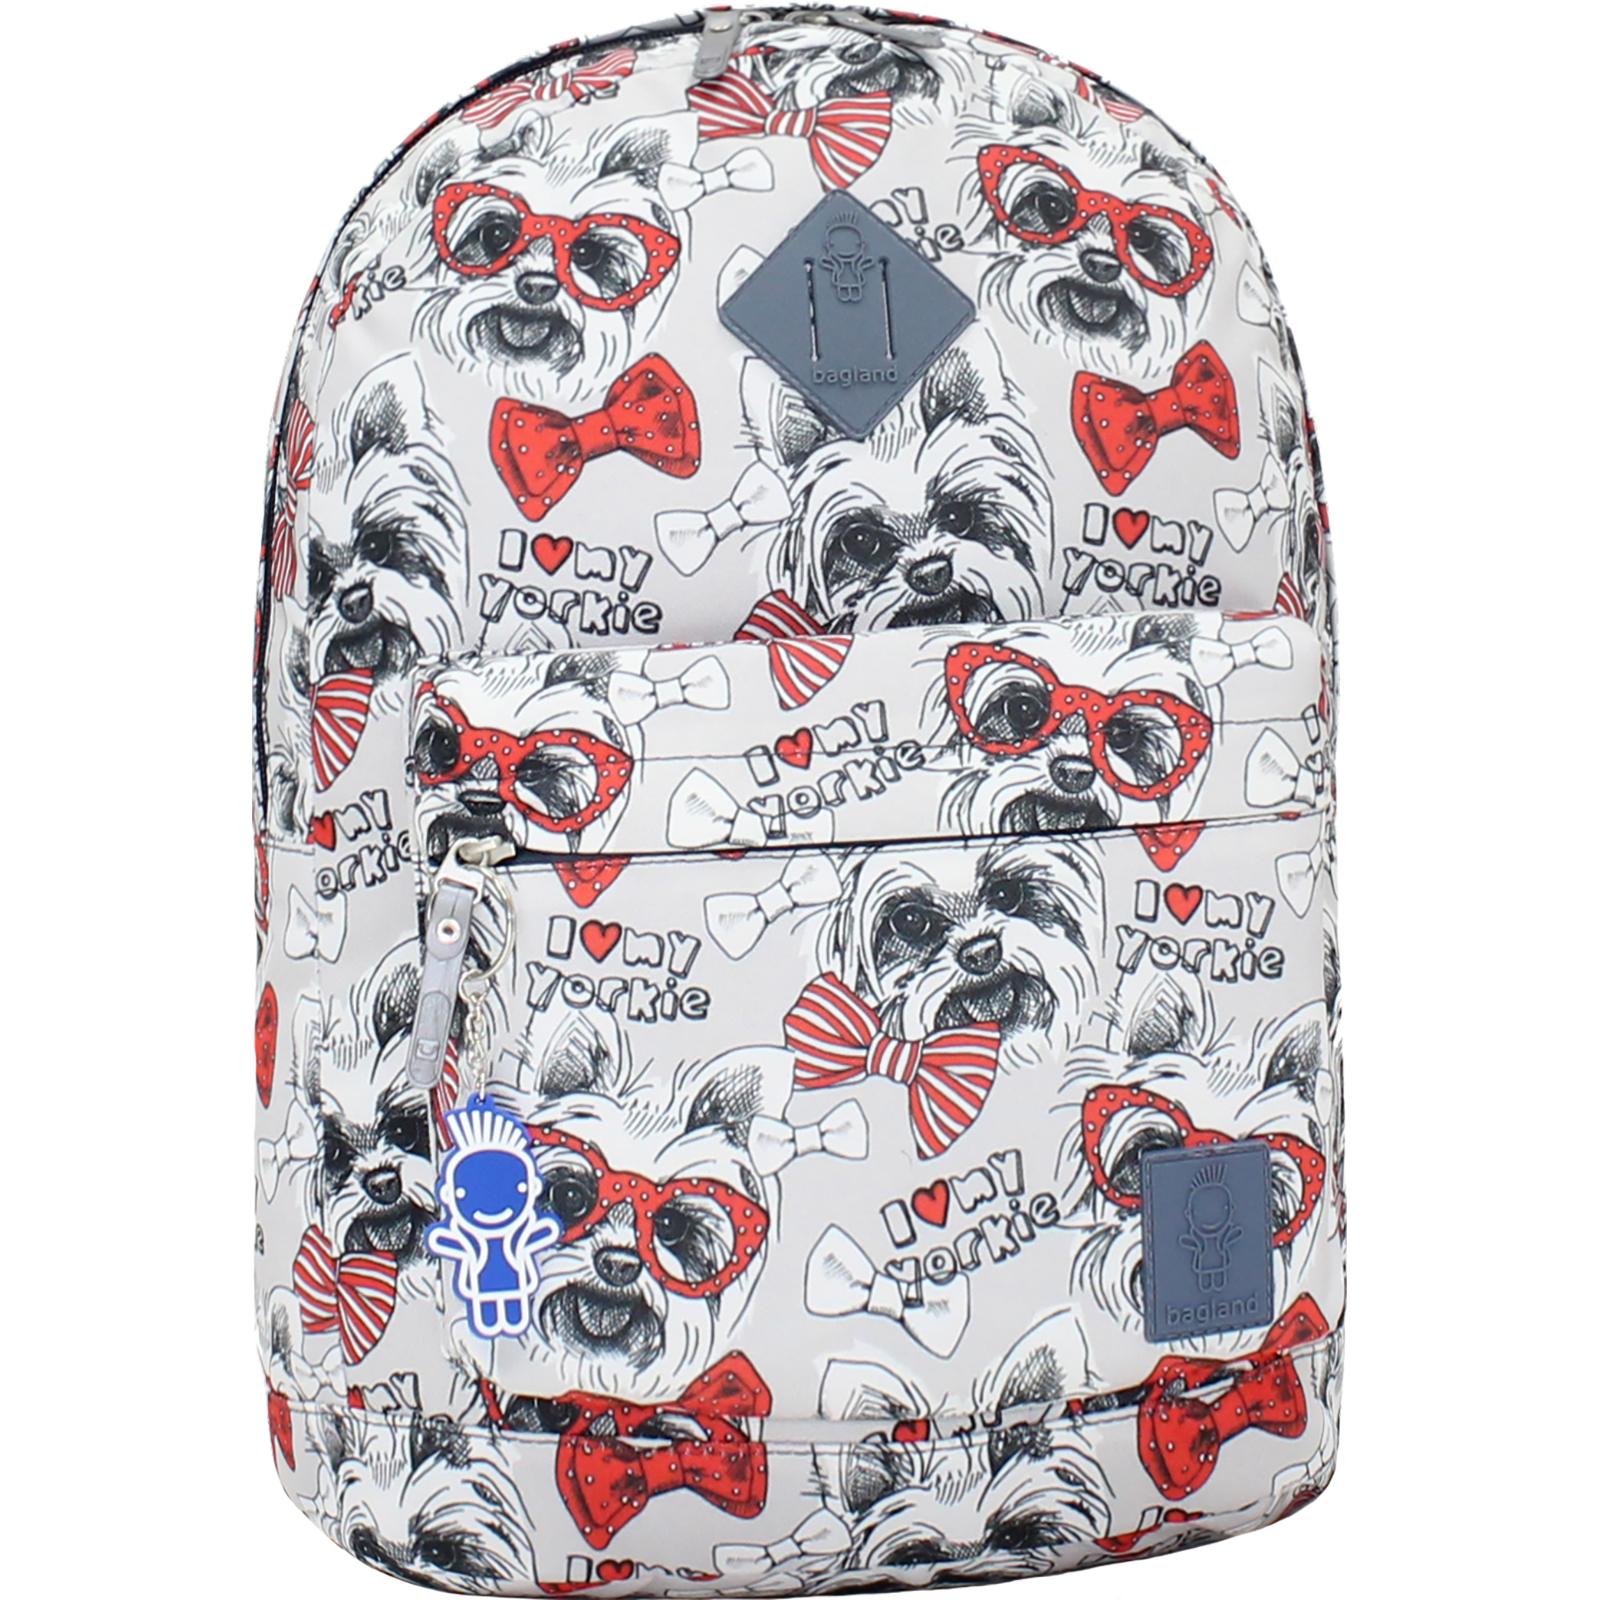 Городские рюкзаки Рюкзак Bagland Молодежный (дизайн) 17 л. сублімація 179(00533664) IMG_5943.JPG